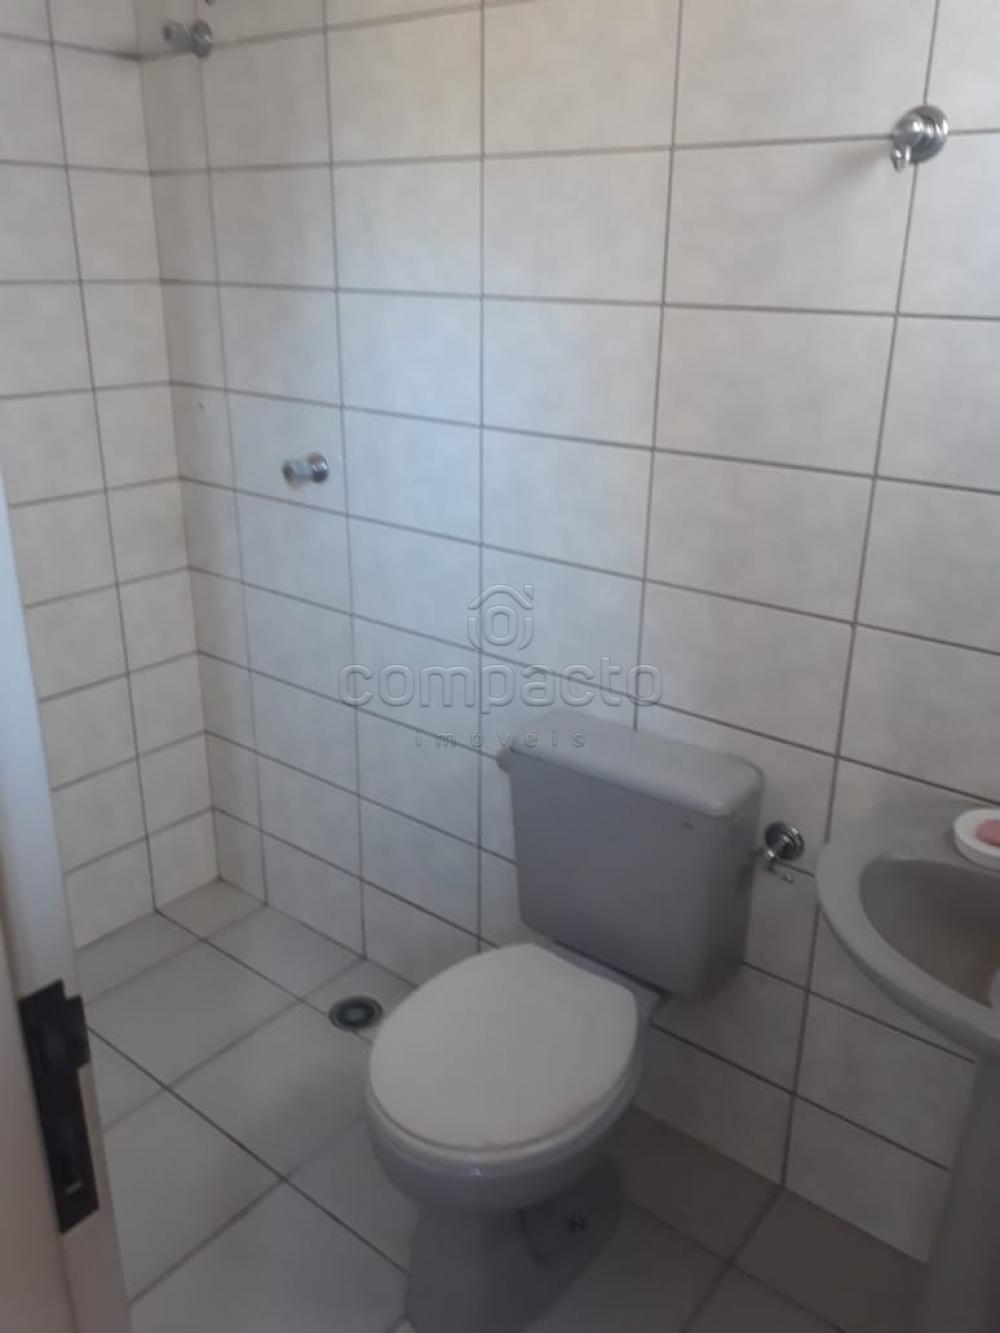 Alugar Apartamento / Padrão em São José do Rio Preto apenas R$ 1.250,00 - Foto 14